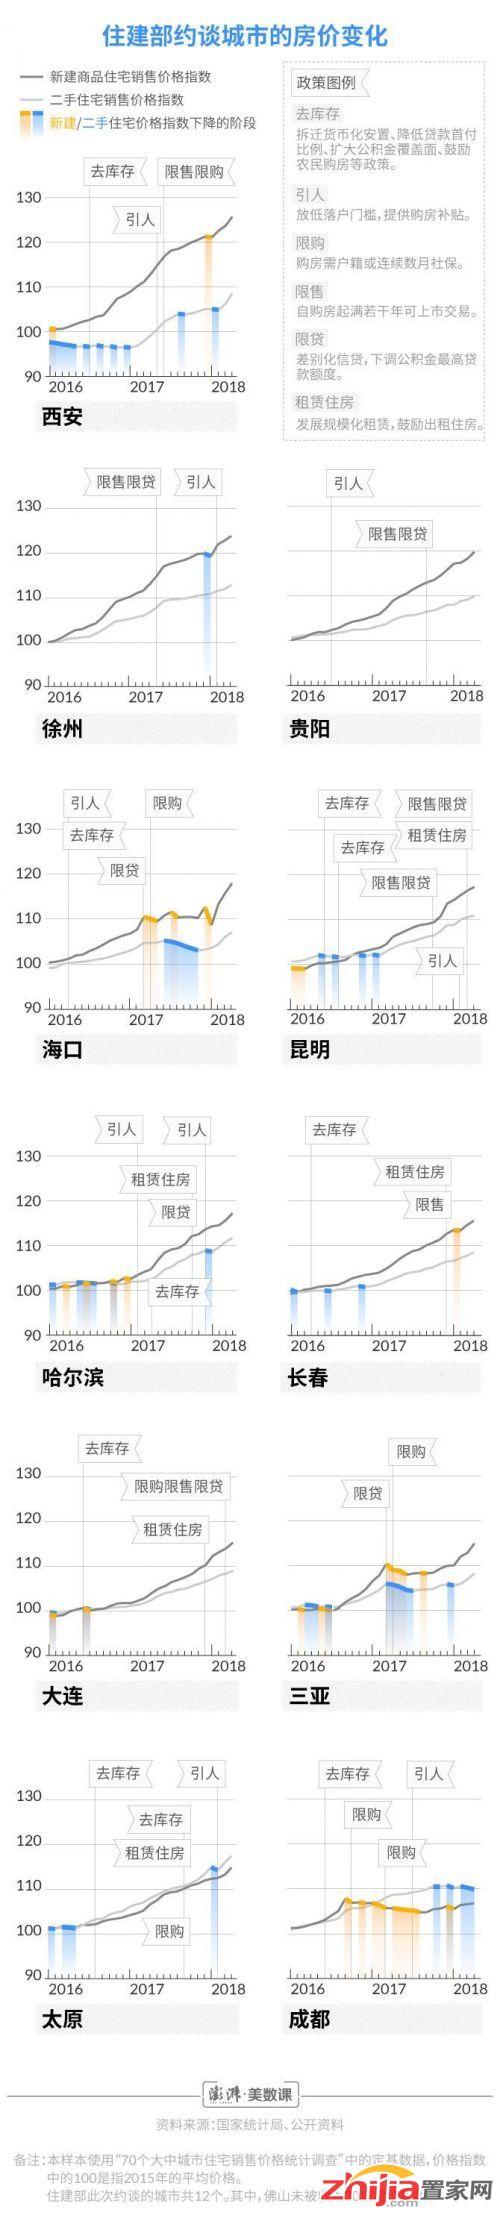 住建部约谈的这些城市 楼市在过去两年经历了什么?-中国网地产